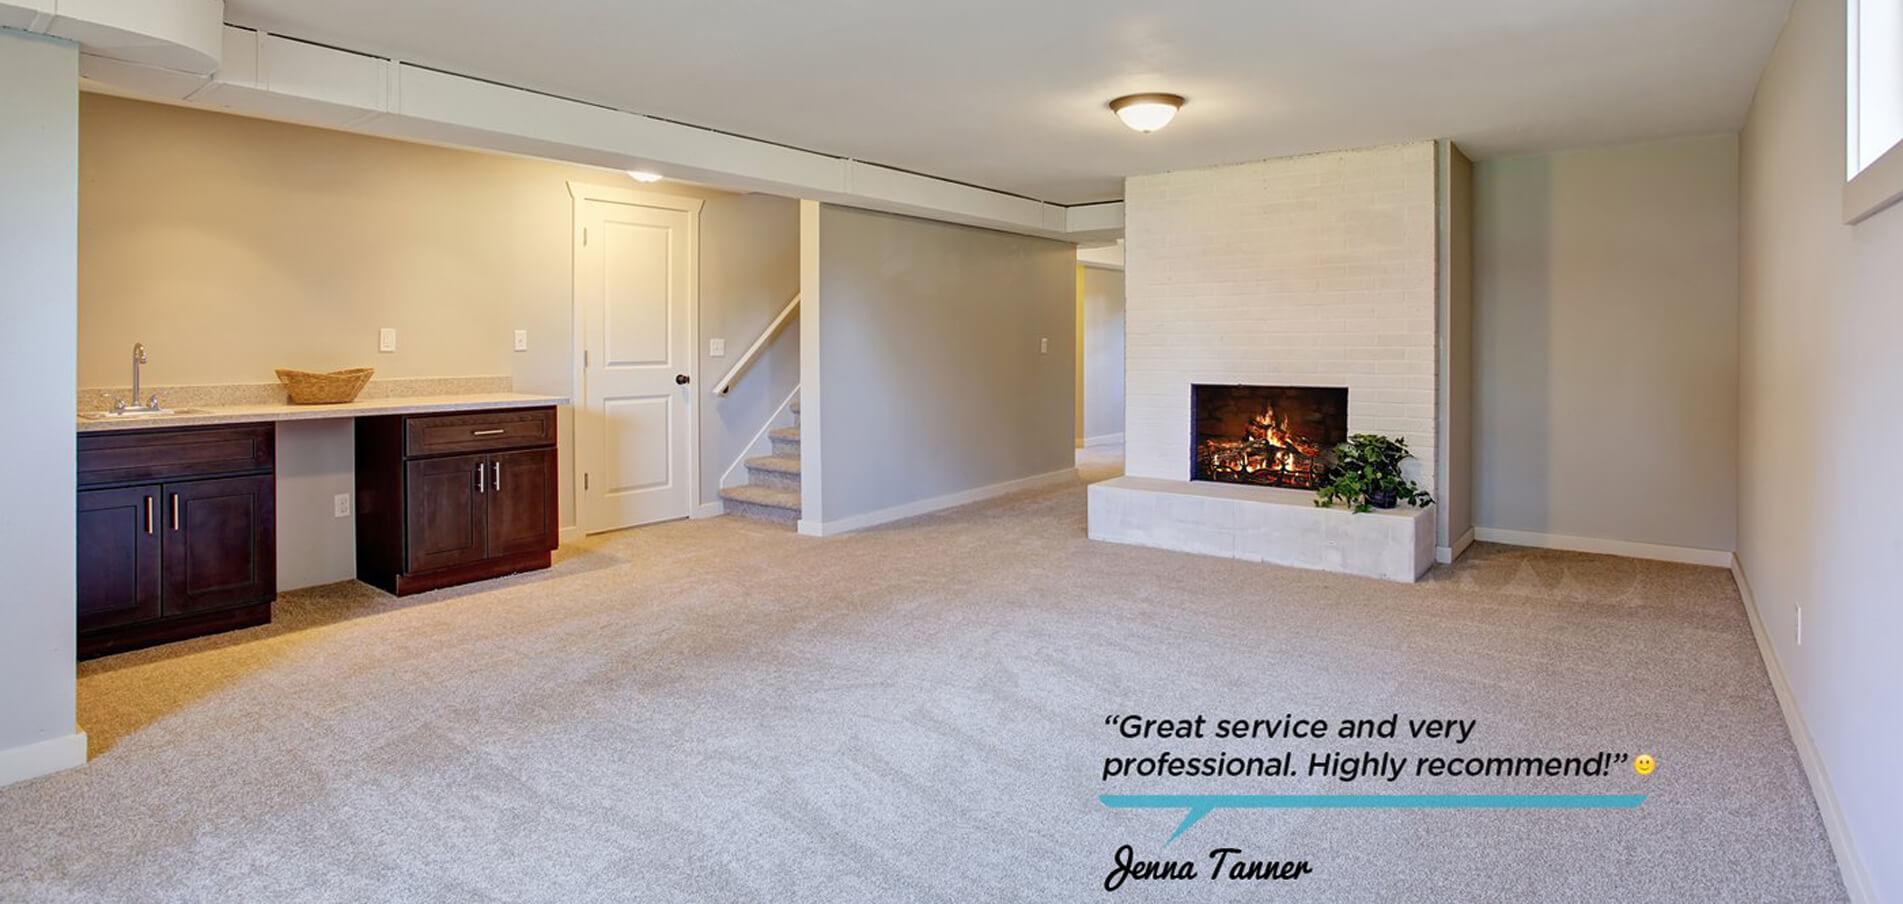 Basement Clean Carpet